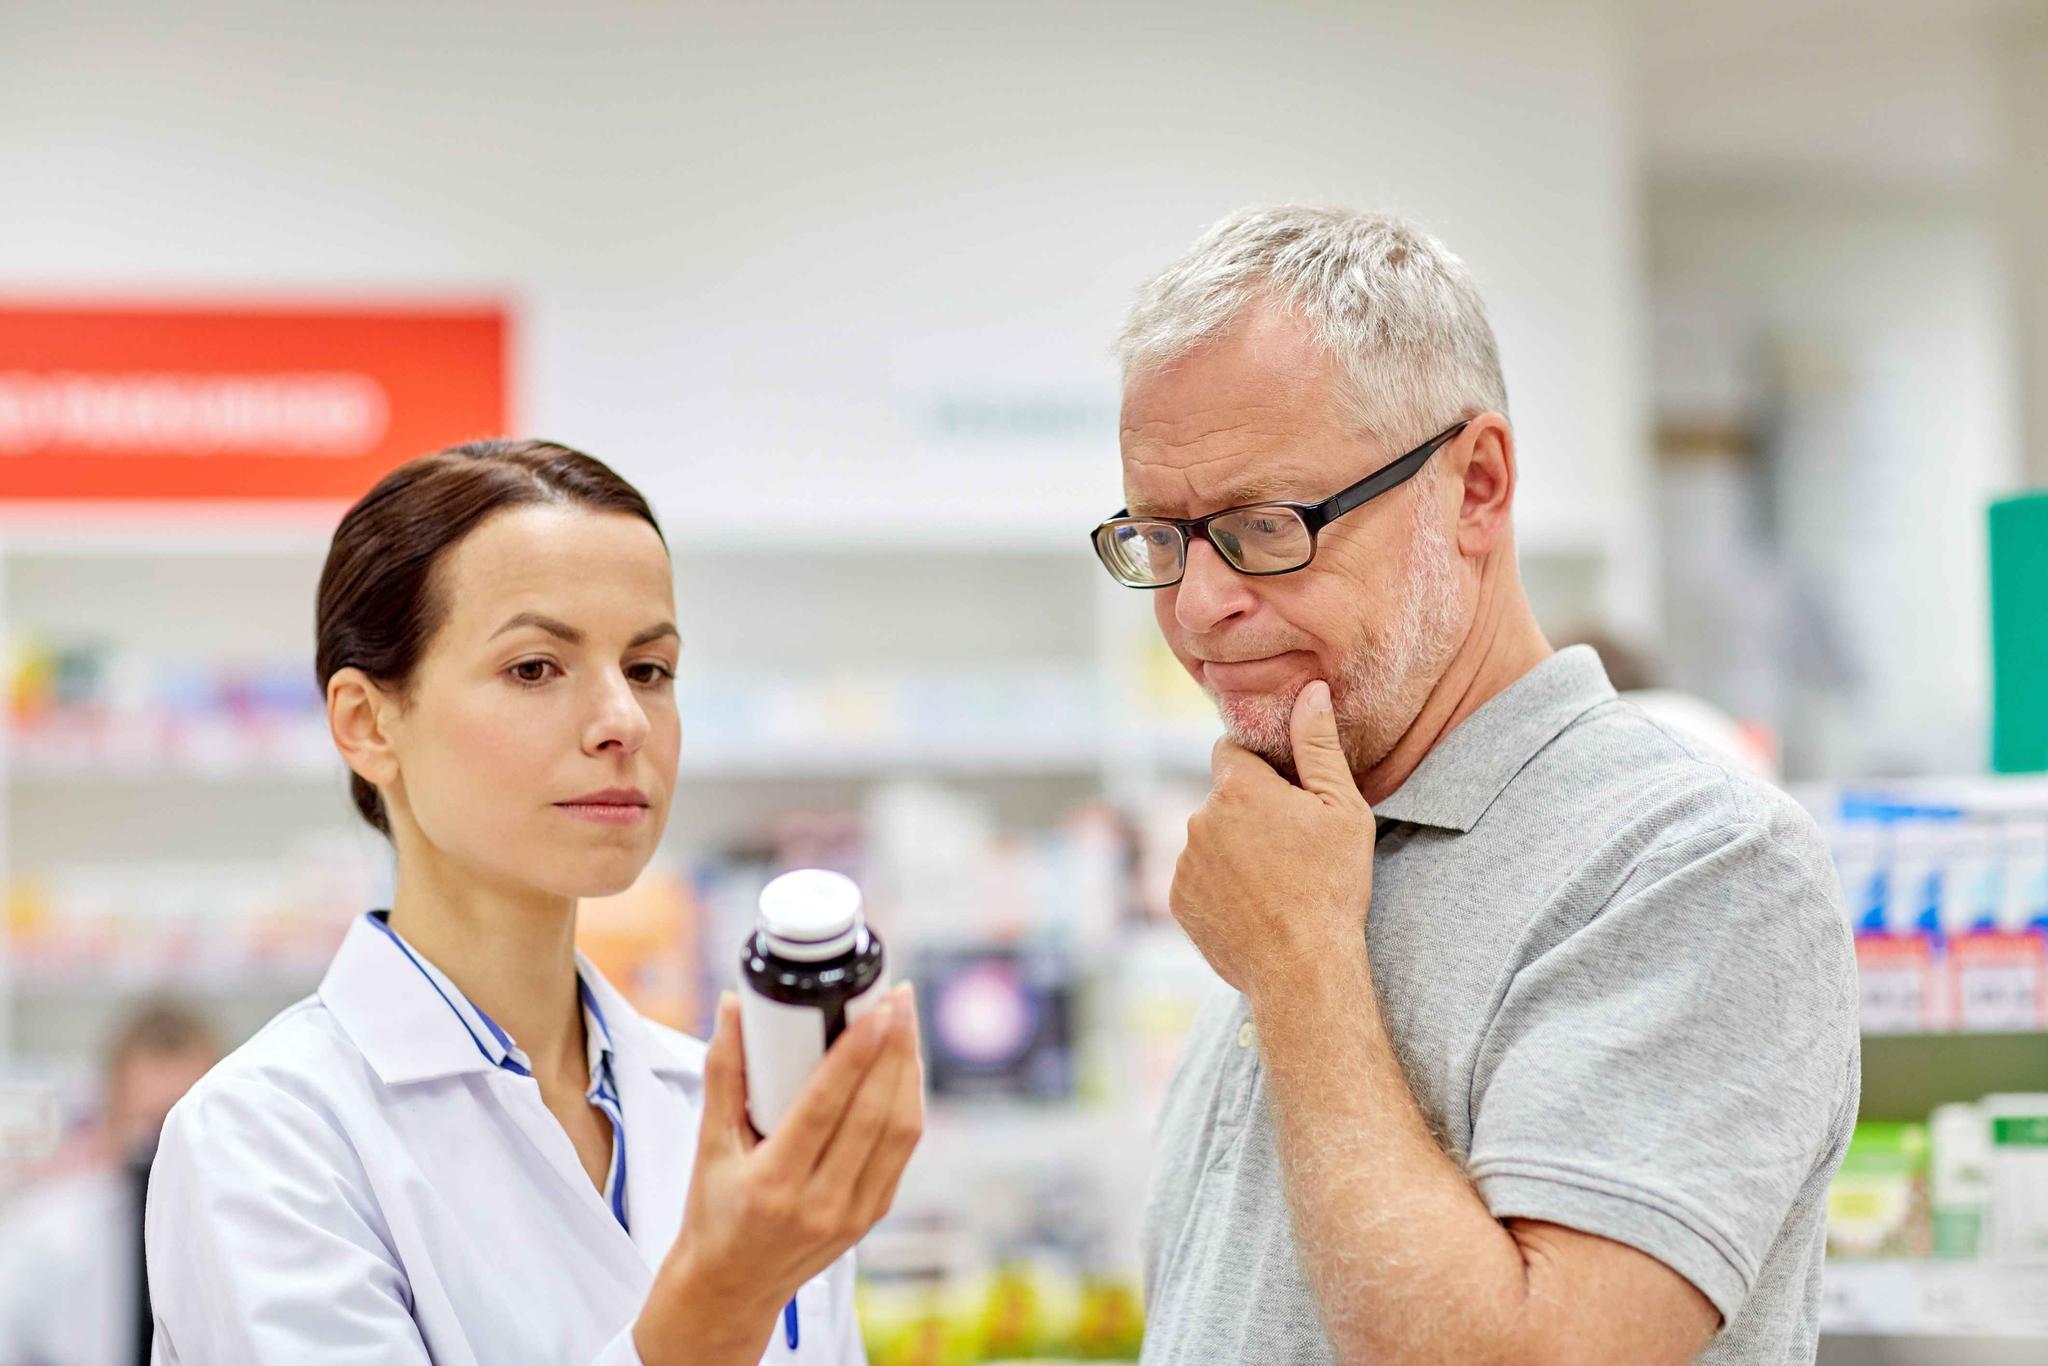 一粒感冒药,还能吃出肝衰竭?药盒上若带有这7个字,可别随意吃